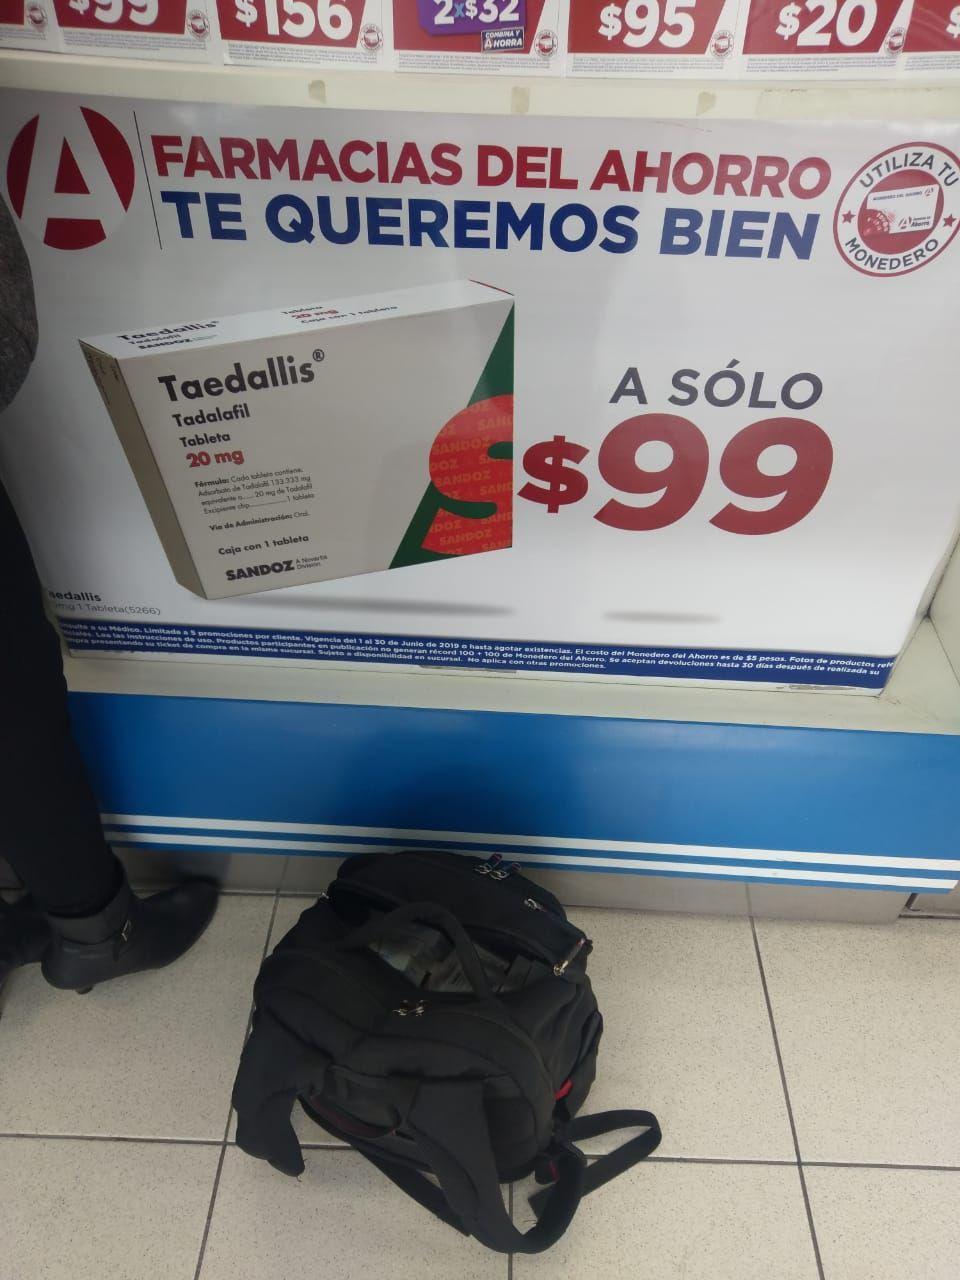 Farmacias del Ahorro: Taedallis  (Cialis- Tadalafil)  2x99 pesos